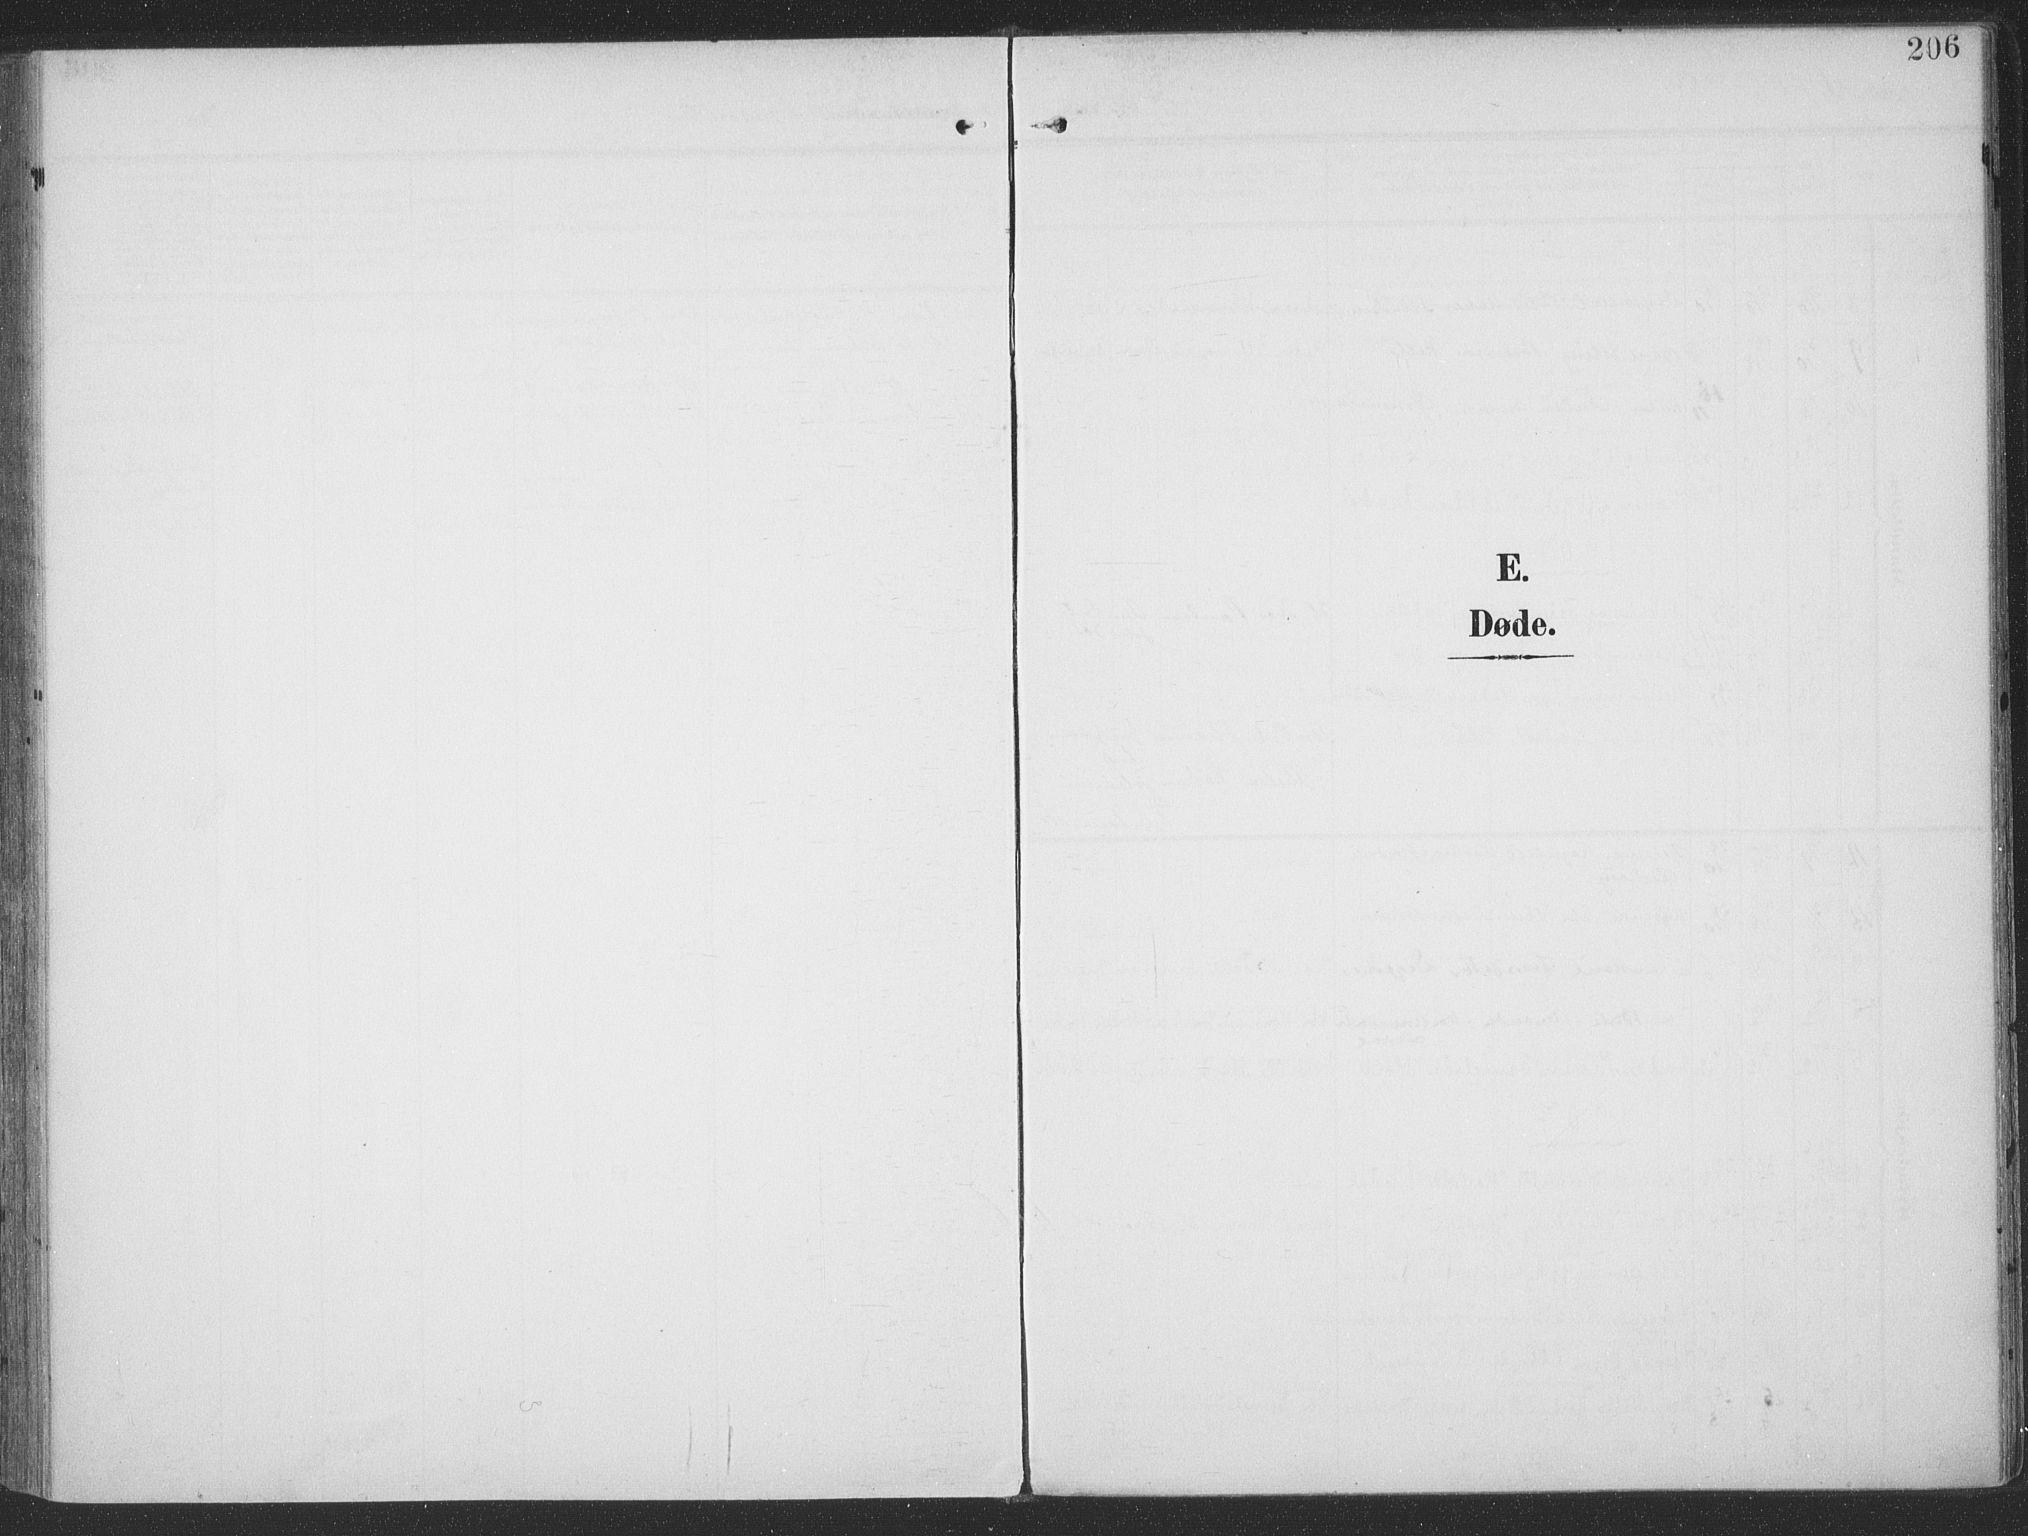 SAT, Ministerialprotokoller, klokkerbøker og fødselsregistre - Møre og Romsdal, 513/L0178: Ministerialbok nr. 513A05, 1906-1919, s. 206